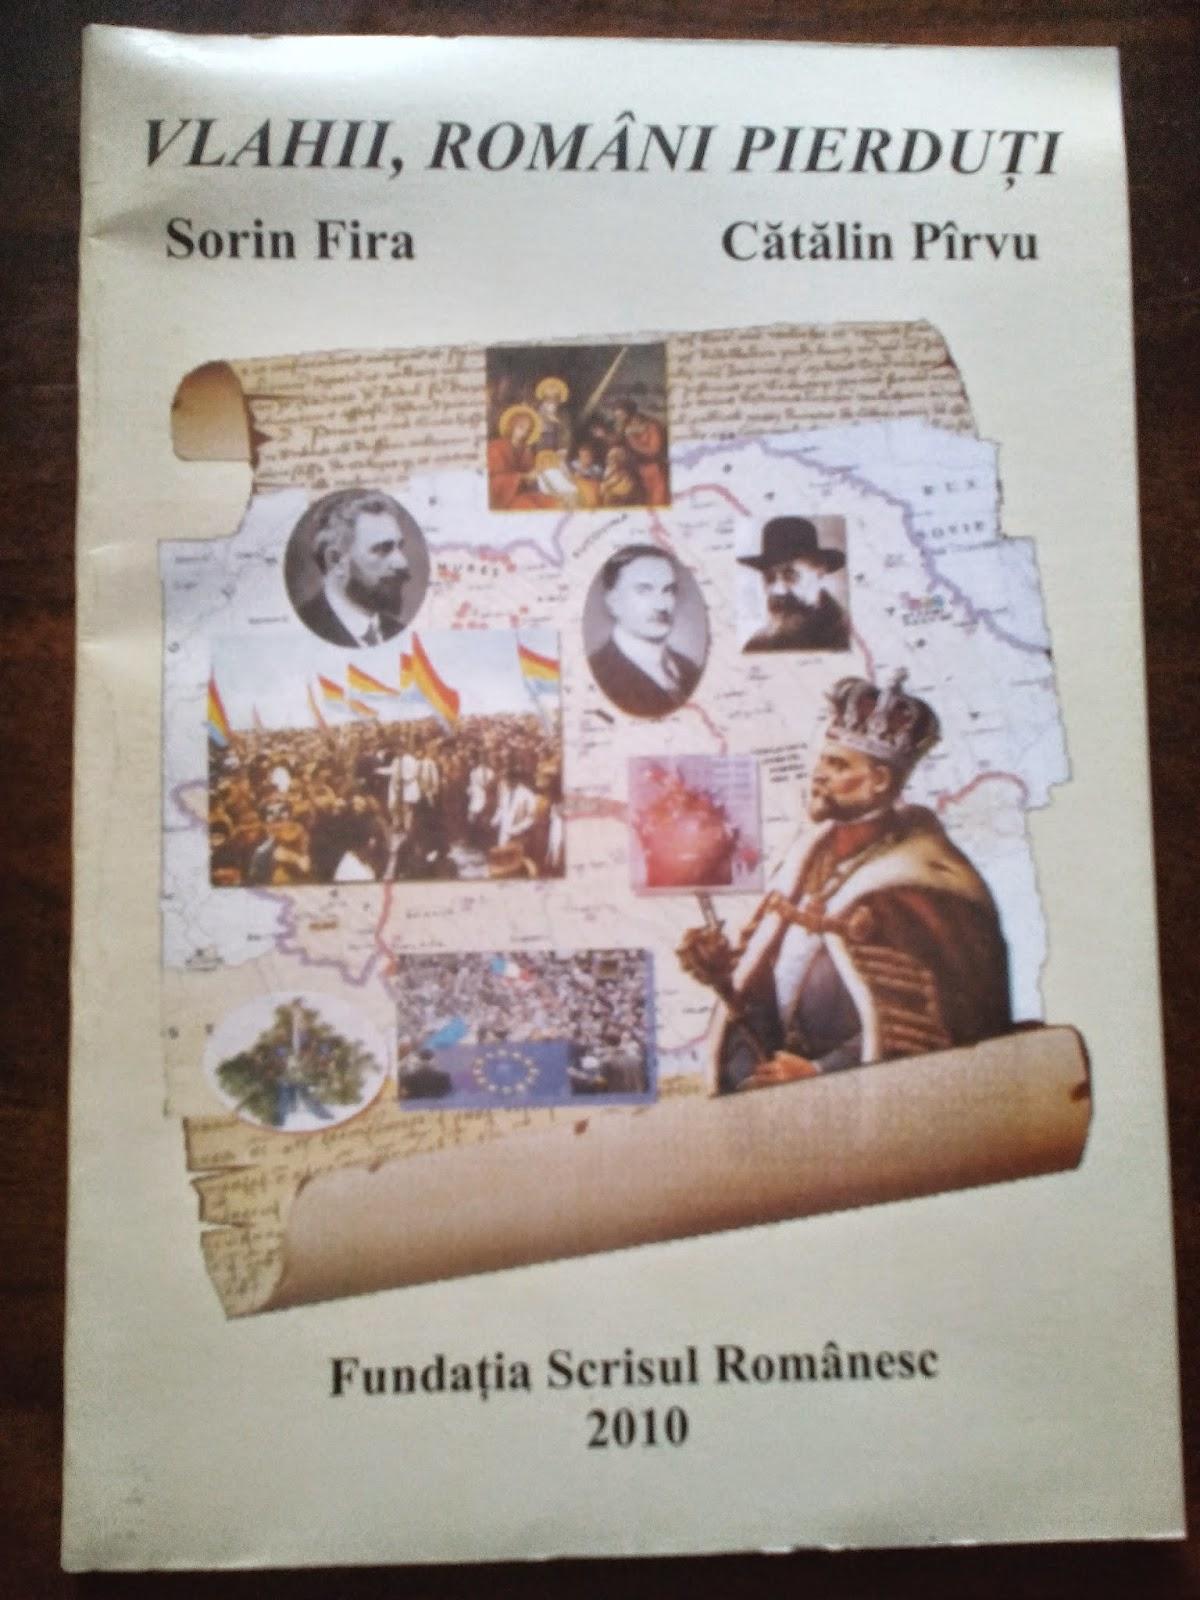 Fundatia Scrisul Romanesc - Sorin Fira, Catalin Pirvu - Vlahii, romani pierduti